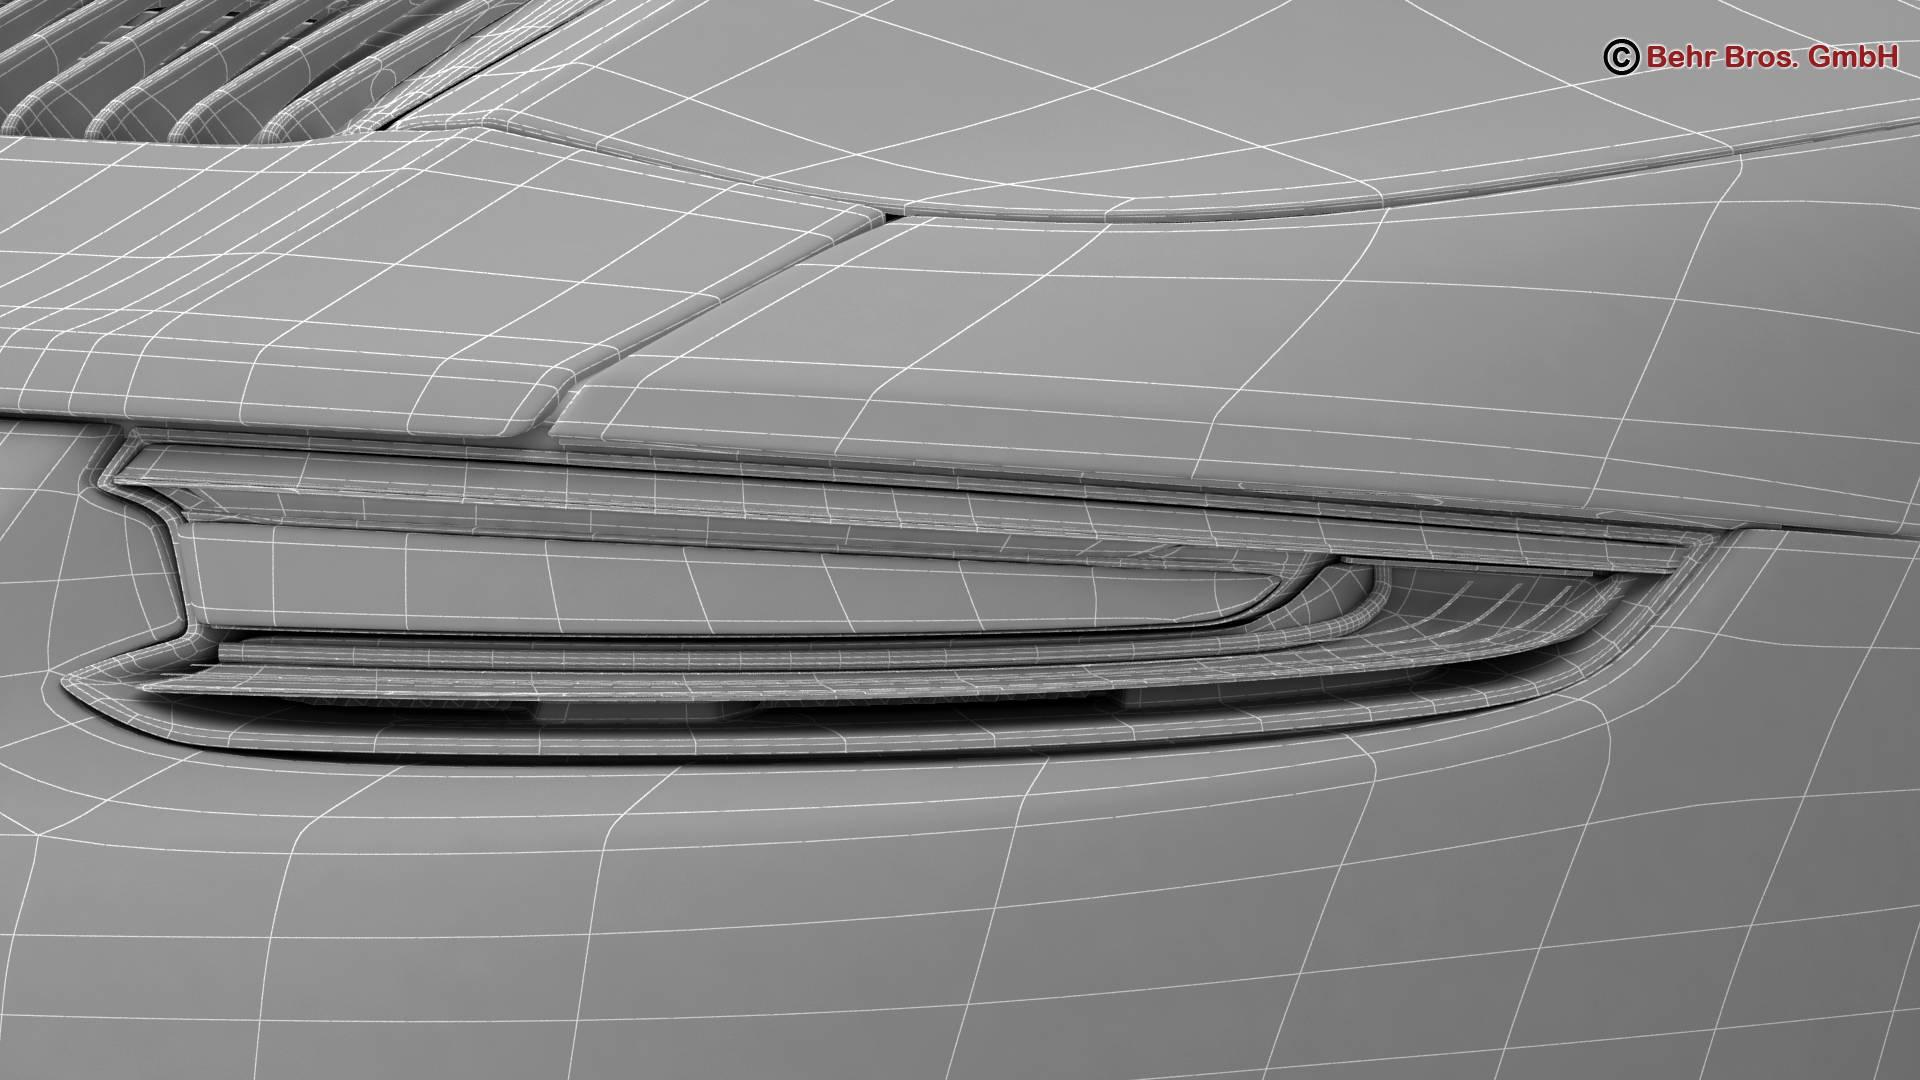 porsche 911 carrera cabriolet 2017 3d líkan 3ds max fbx c4d lwo ma mb obj 220815